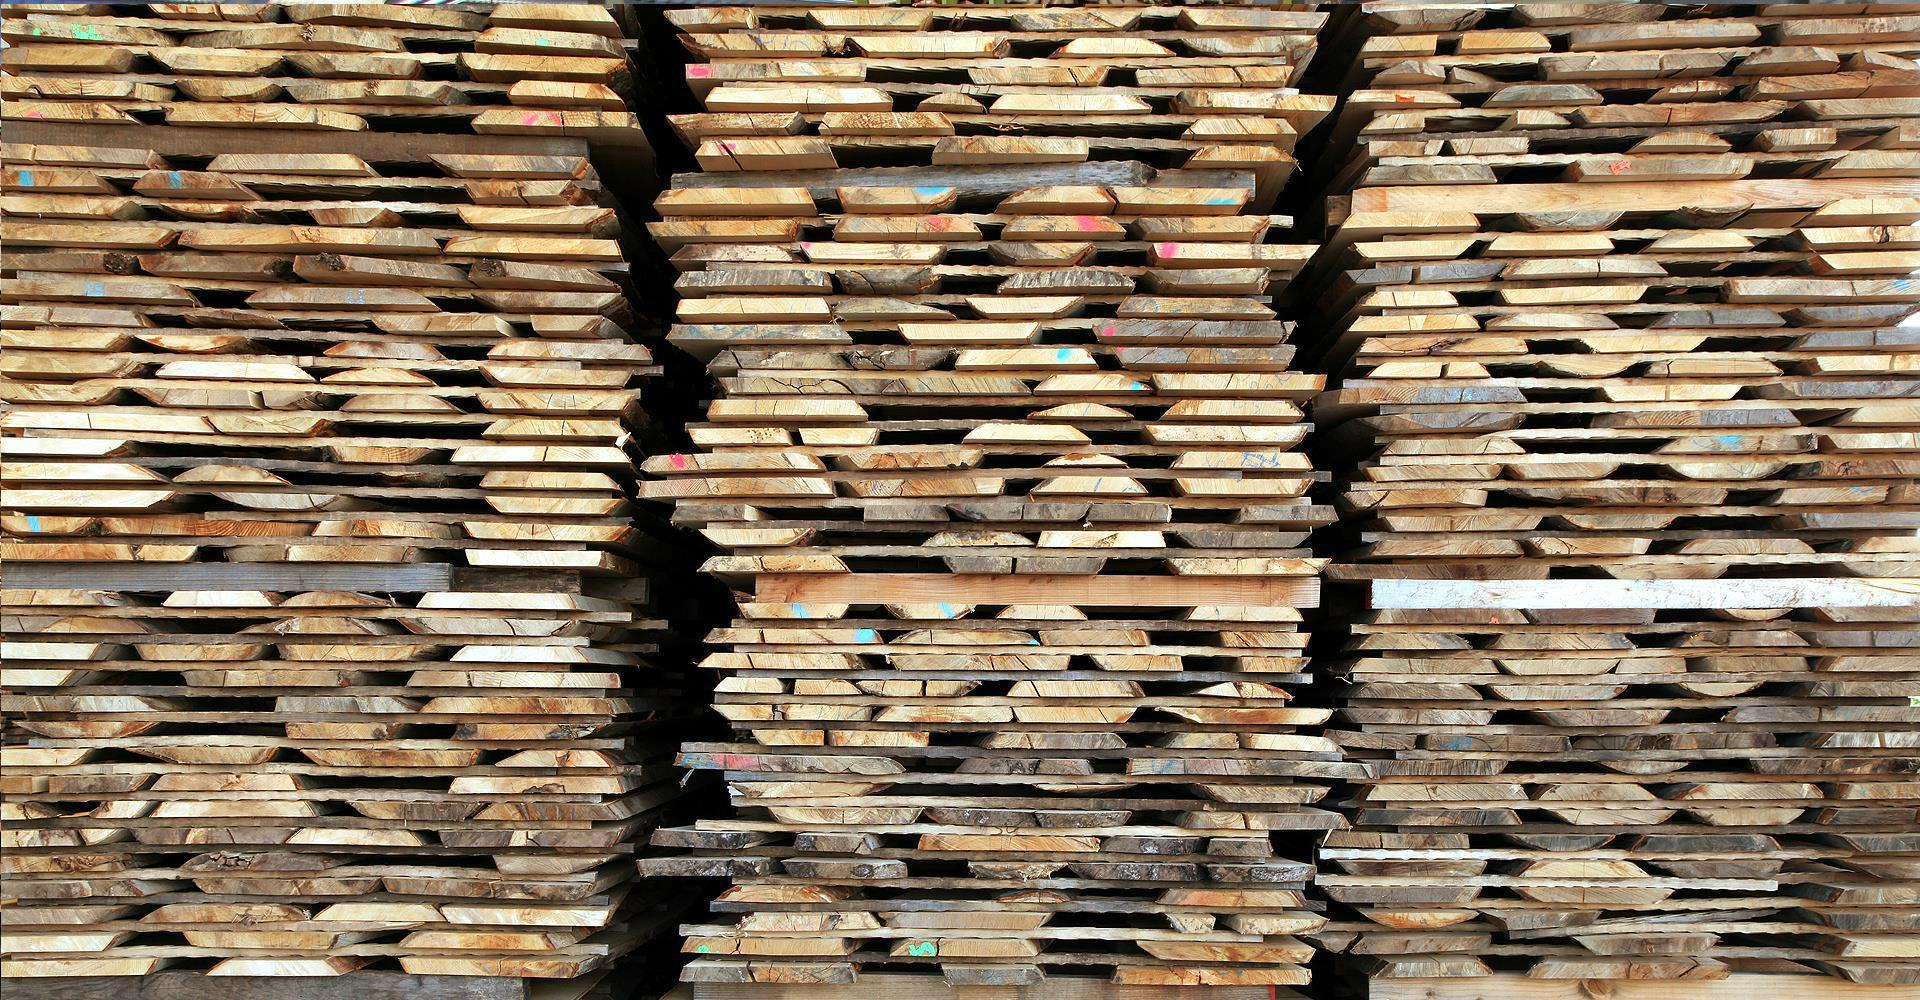 Tavole faggio 28 images tavole faggio massello grezzo - Tavola legno lamellare faggio ...